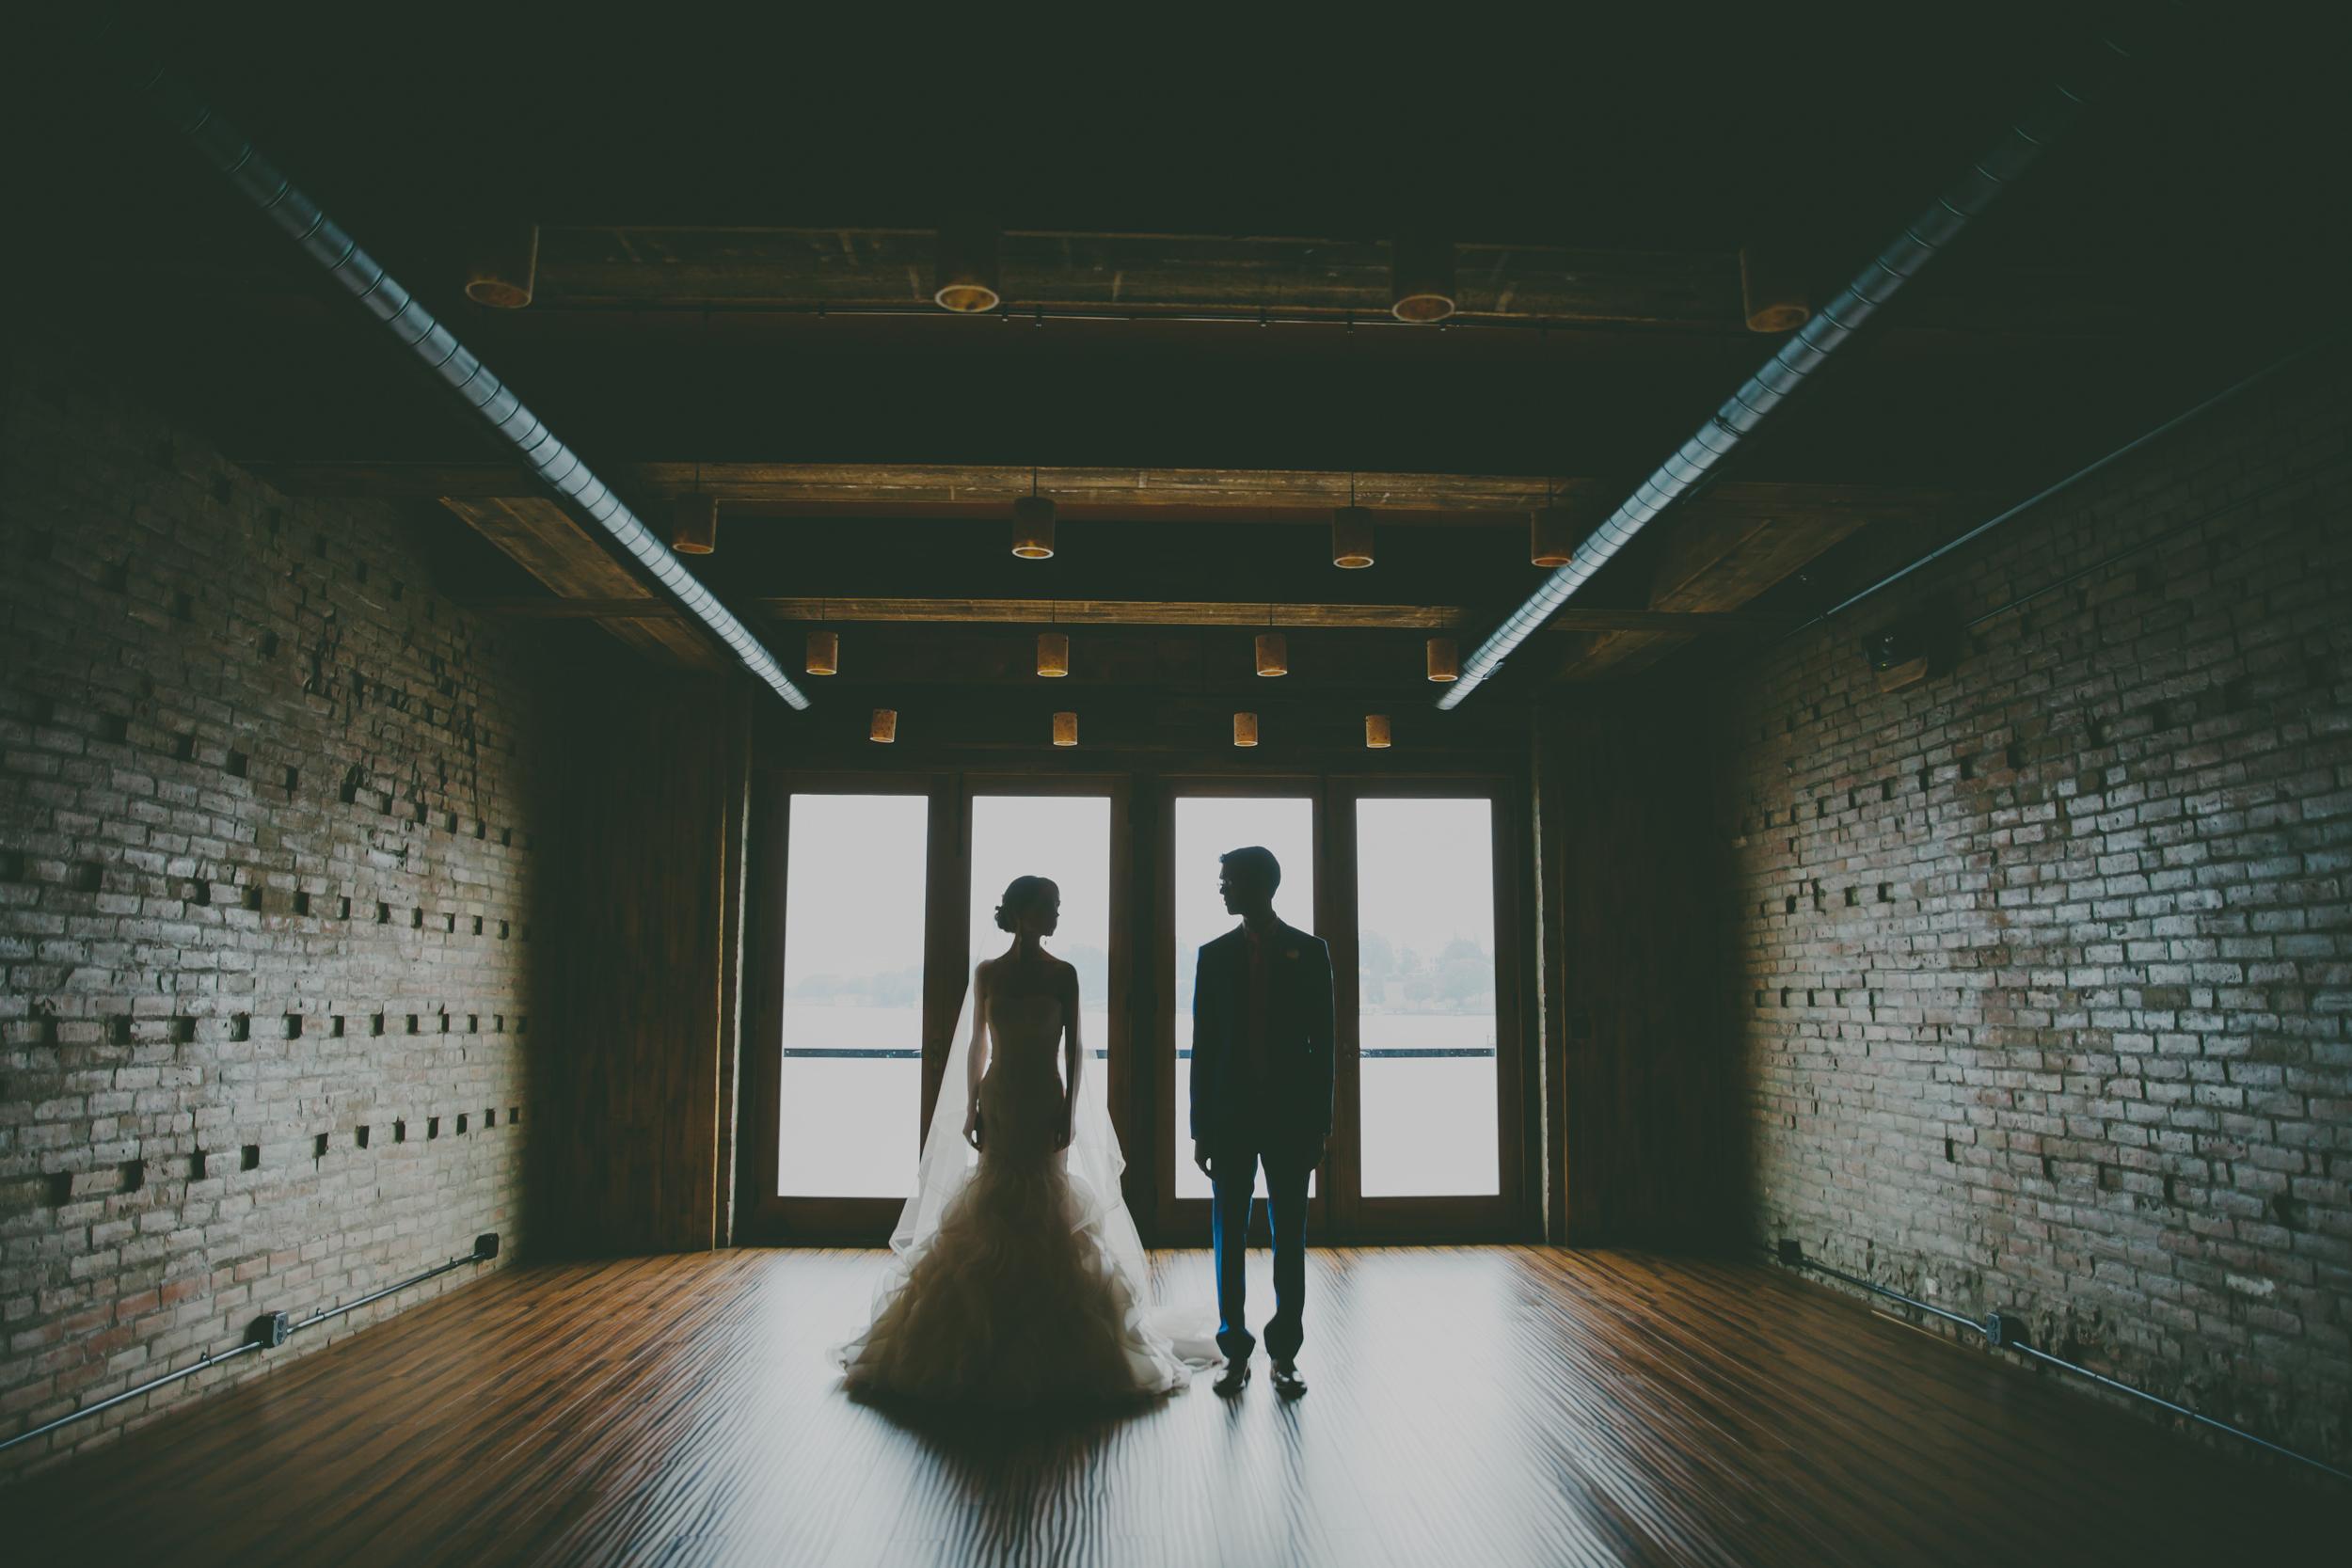 Creative fine art wedding photography at Loft 42 in Skaneateles, NY.